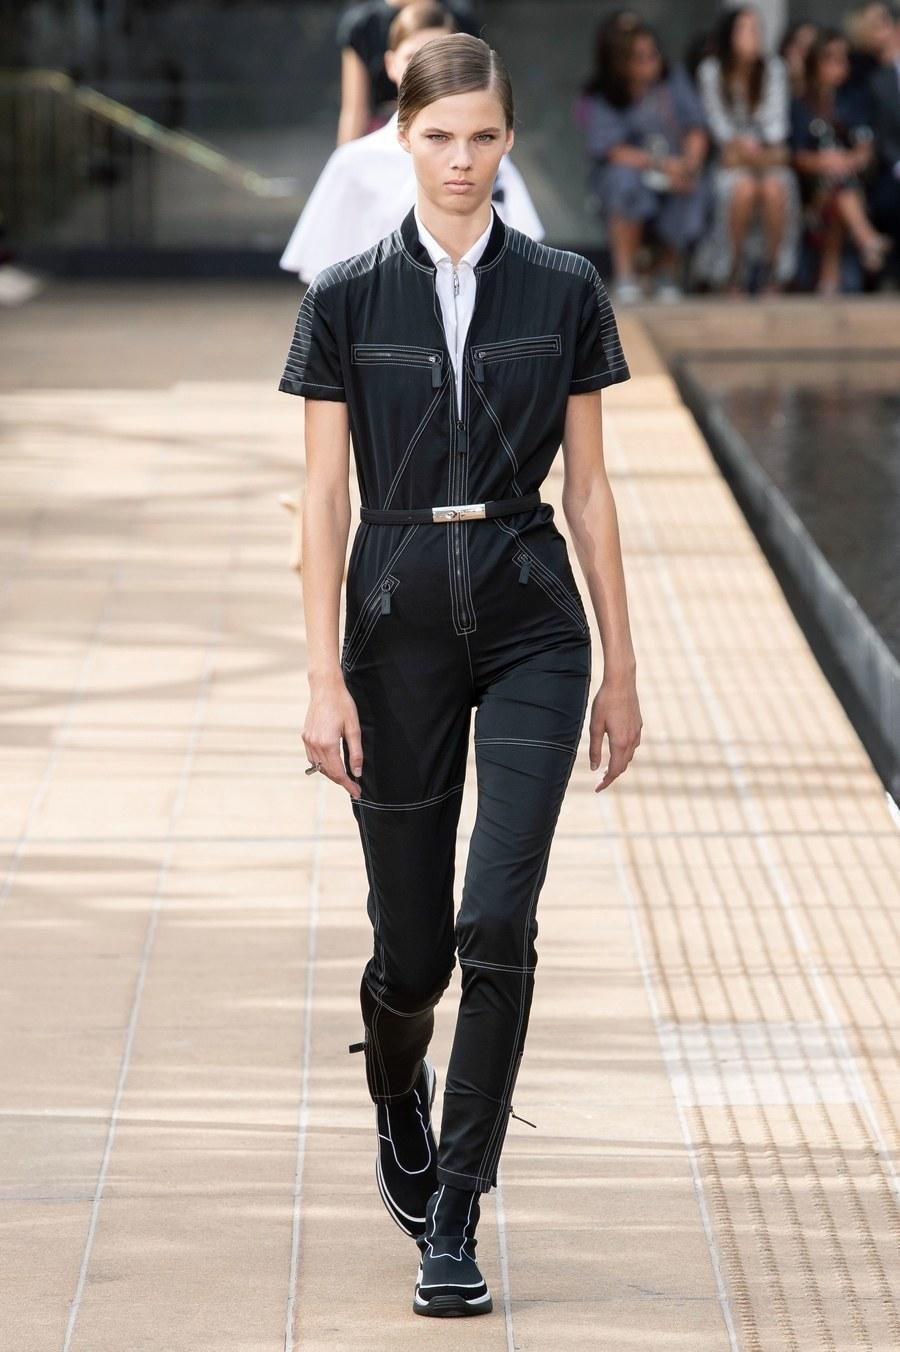 عرض أزياء Longchamp  بأسبوع الموضة بنيويورك (5)